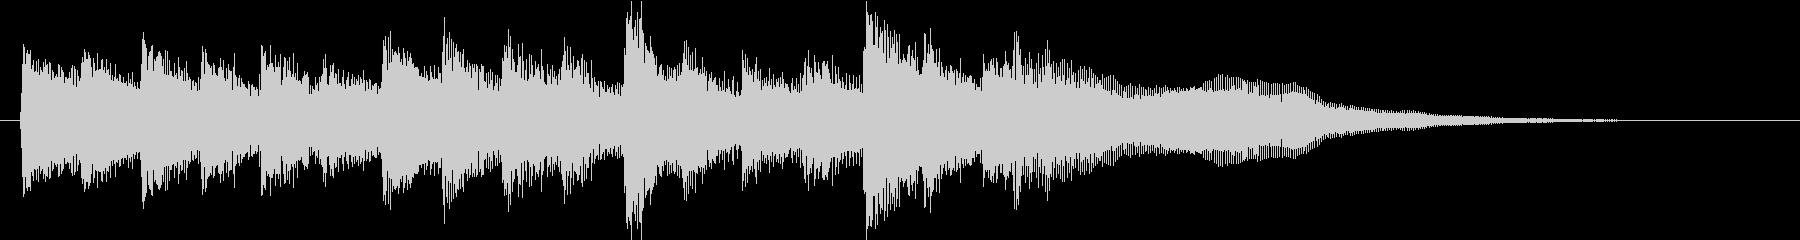 おしらせチャイム(メルヘン)の未再生の波形